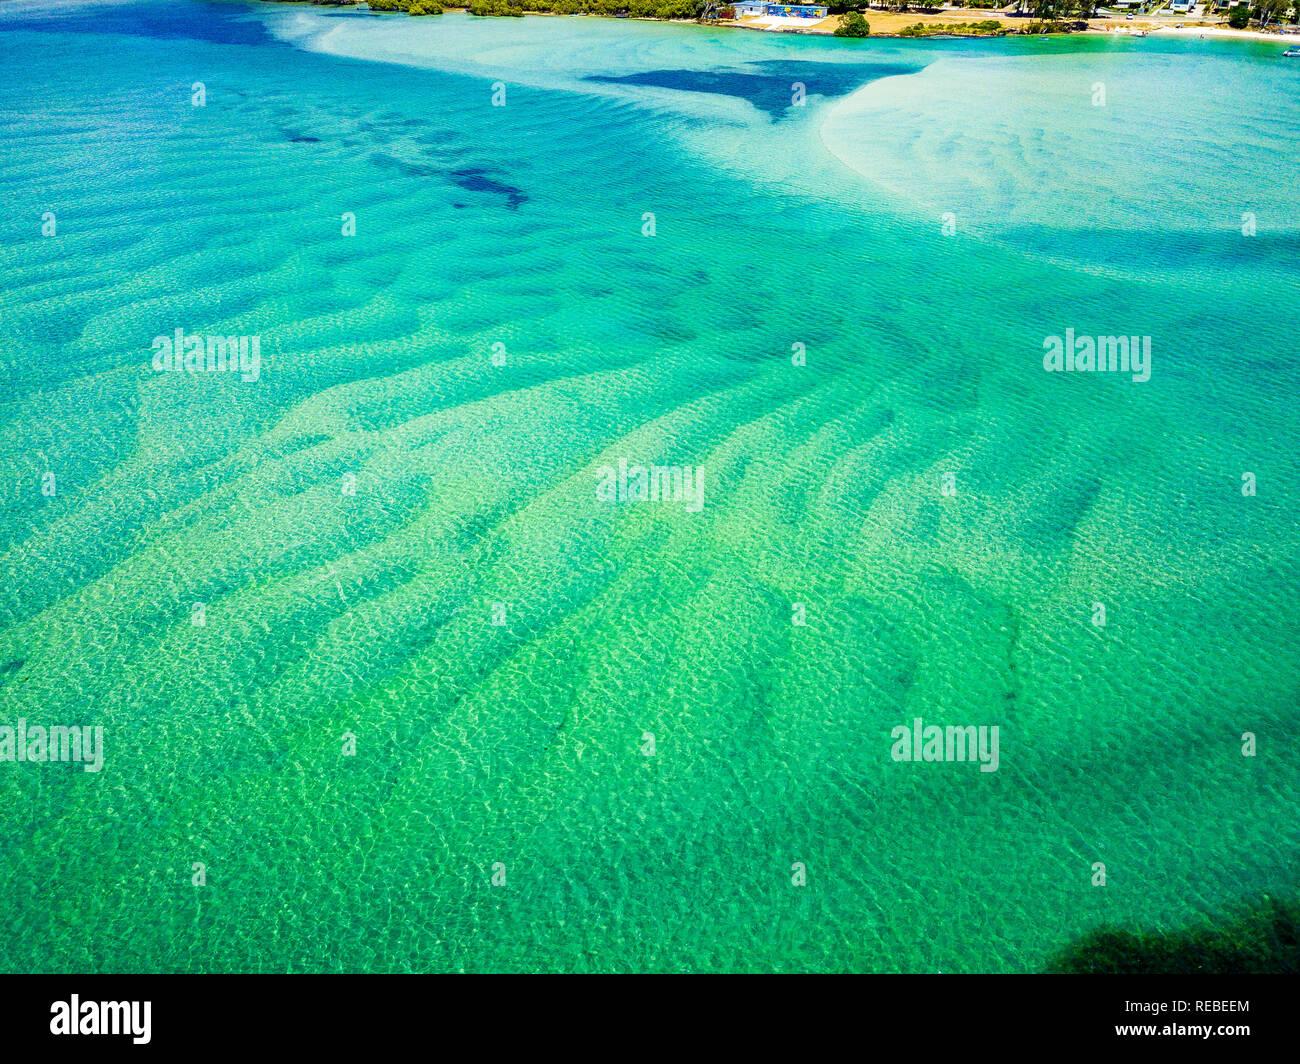 Patrones y texturas increíbles dejada por la arena con agua de color turquesa brillante arriba. Pumicestone Passage, la Sunshine Coast, Queensland, Australia. Foto de stock